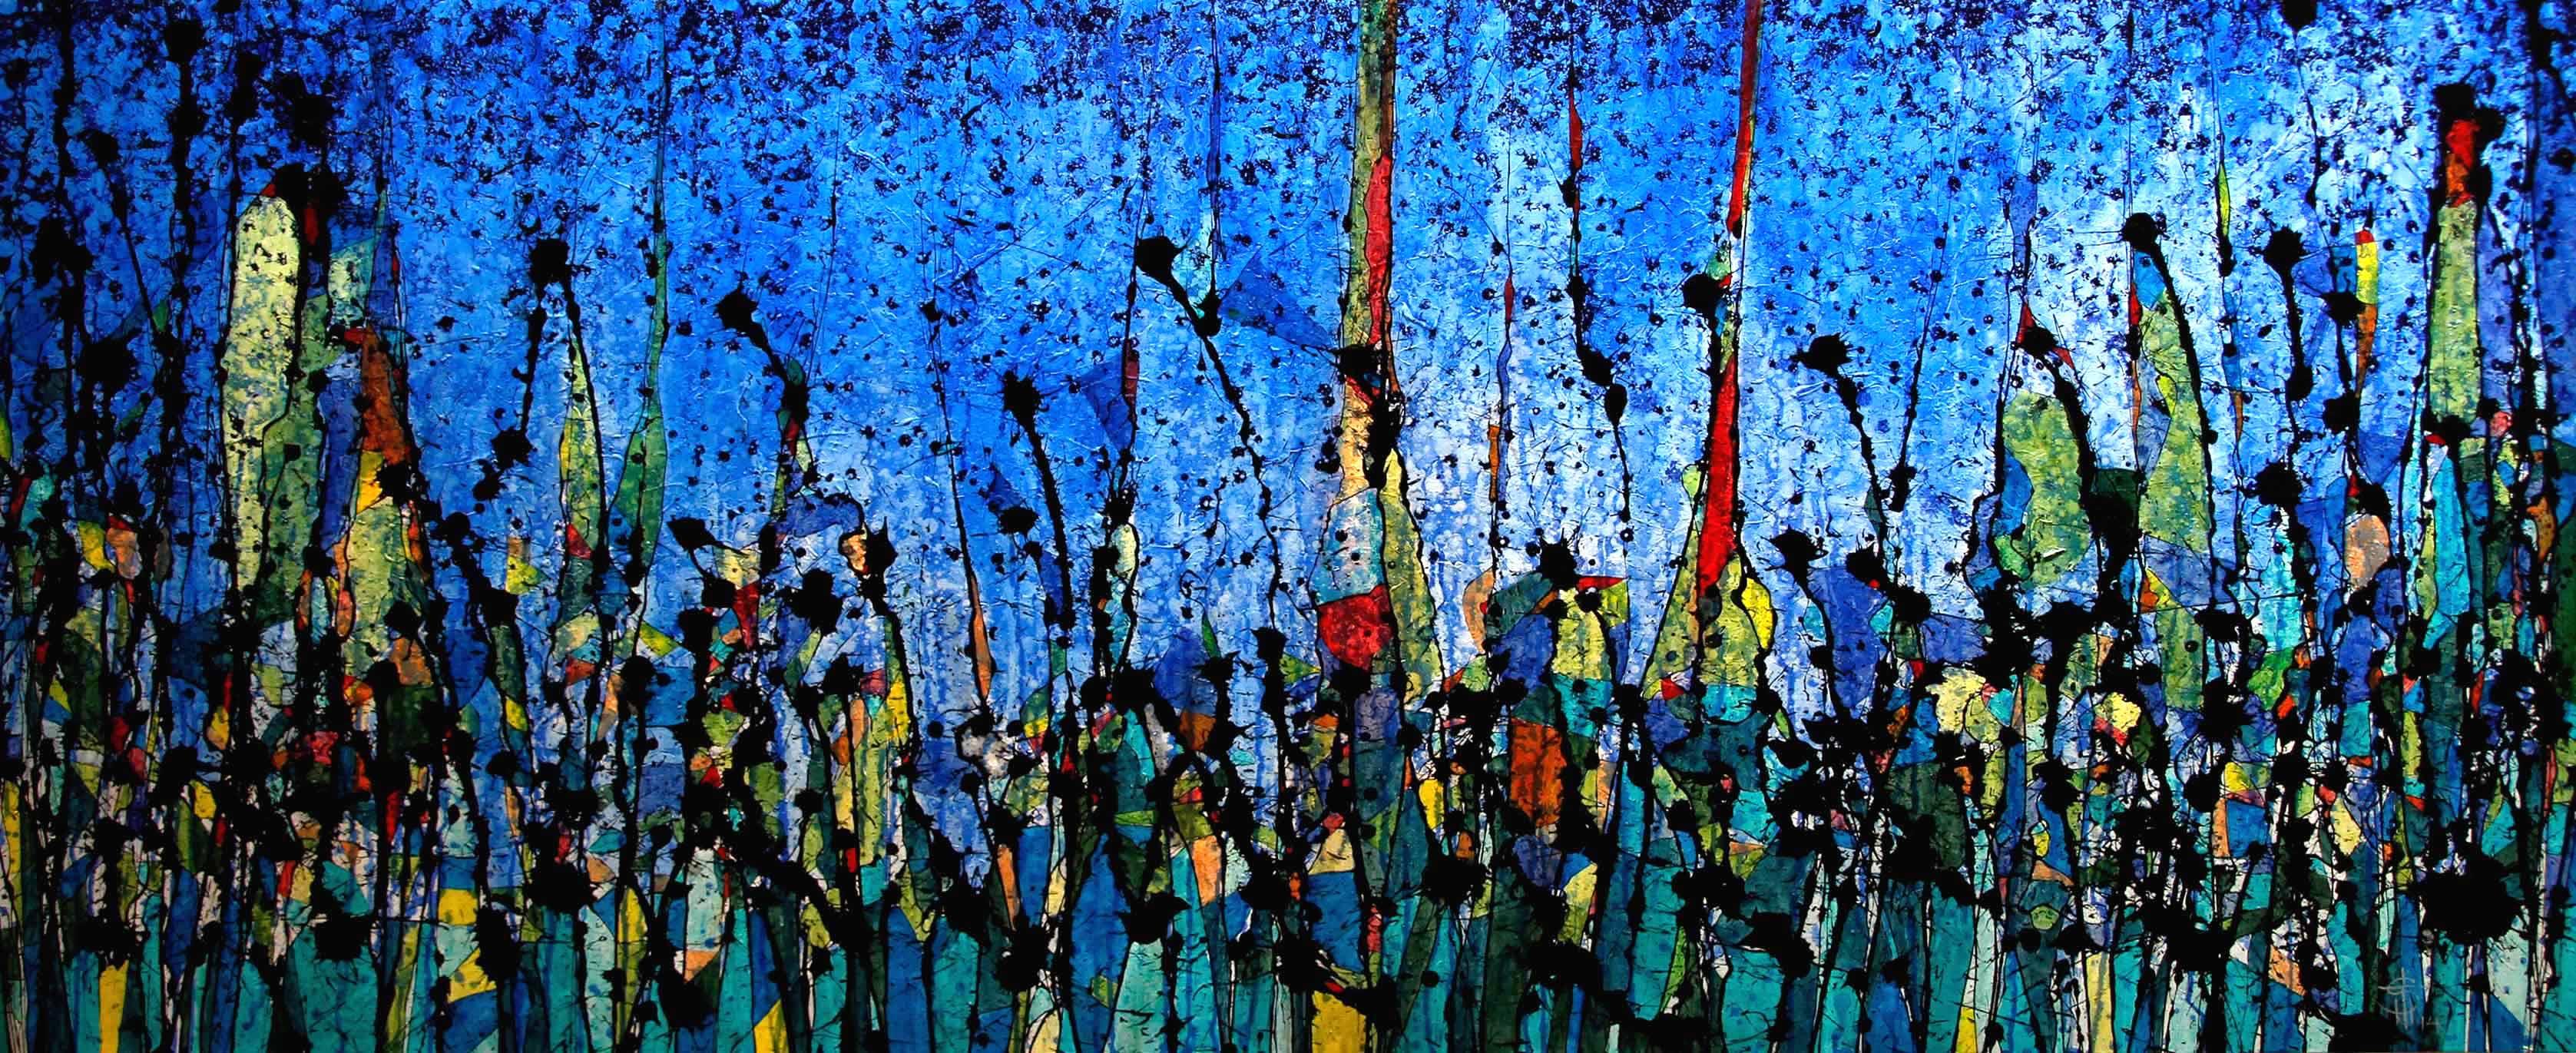 Amanecer-Azul,-Luminoso-TurquesaWeb.jpg